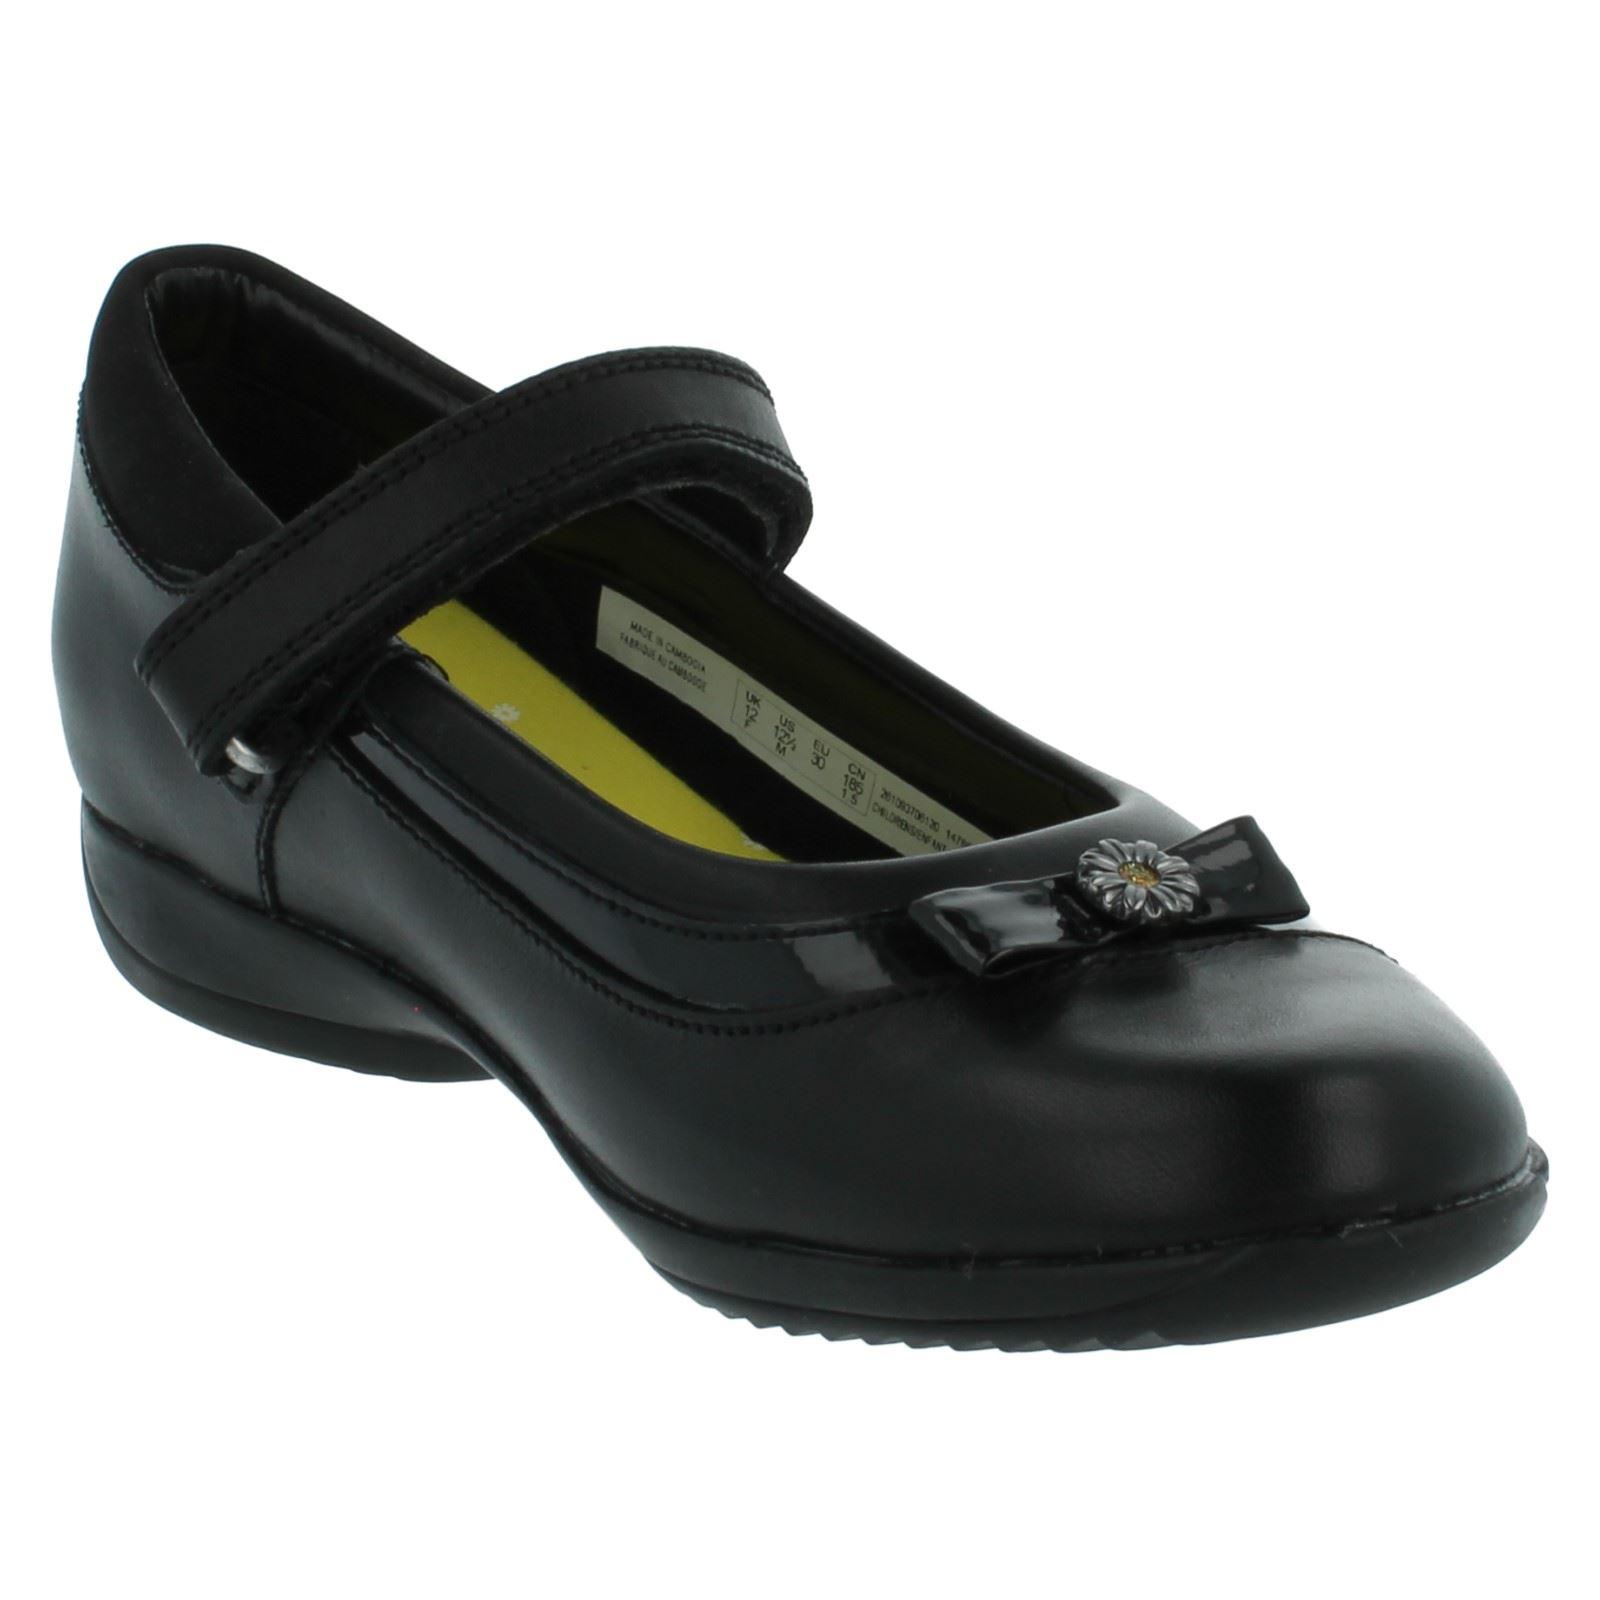 Girls Clarks 'Daisy Locket' Leather Mary Jane Shoes ~ K